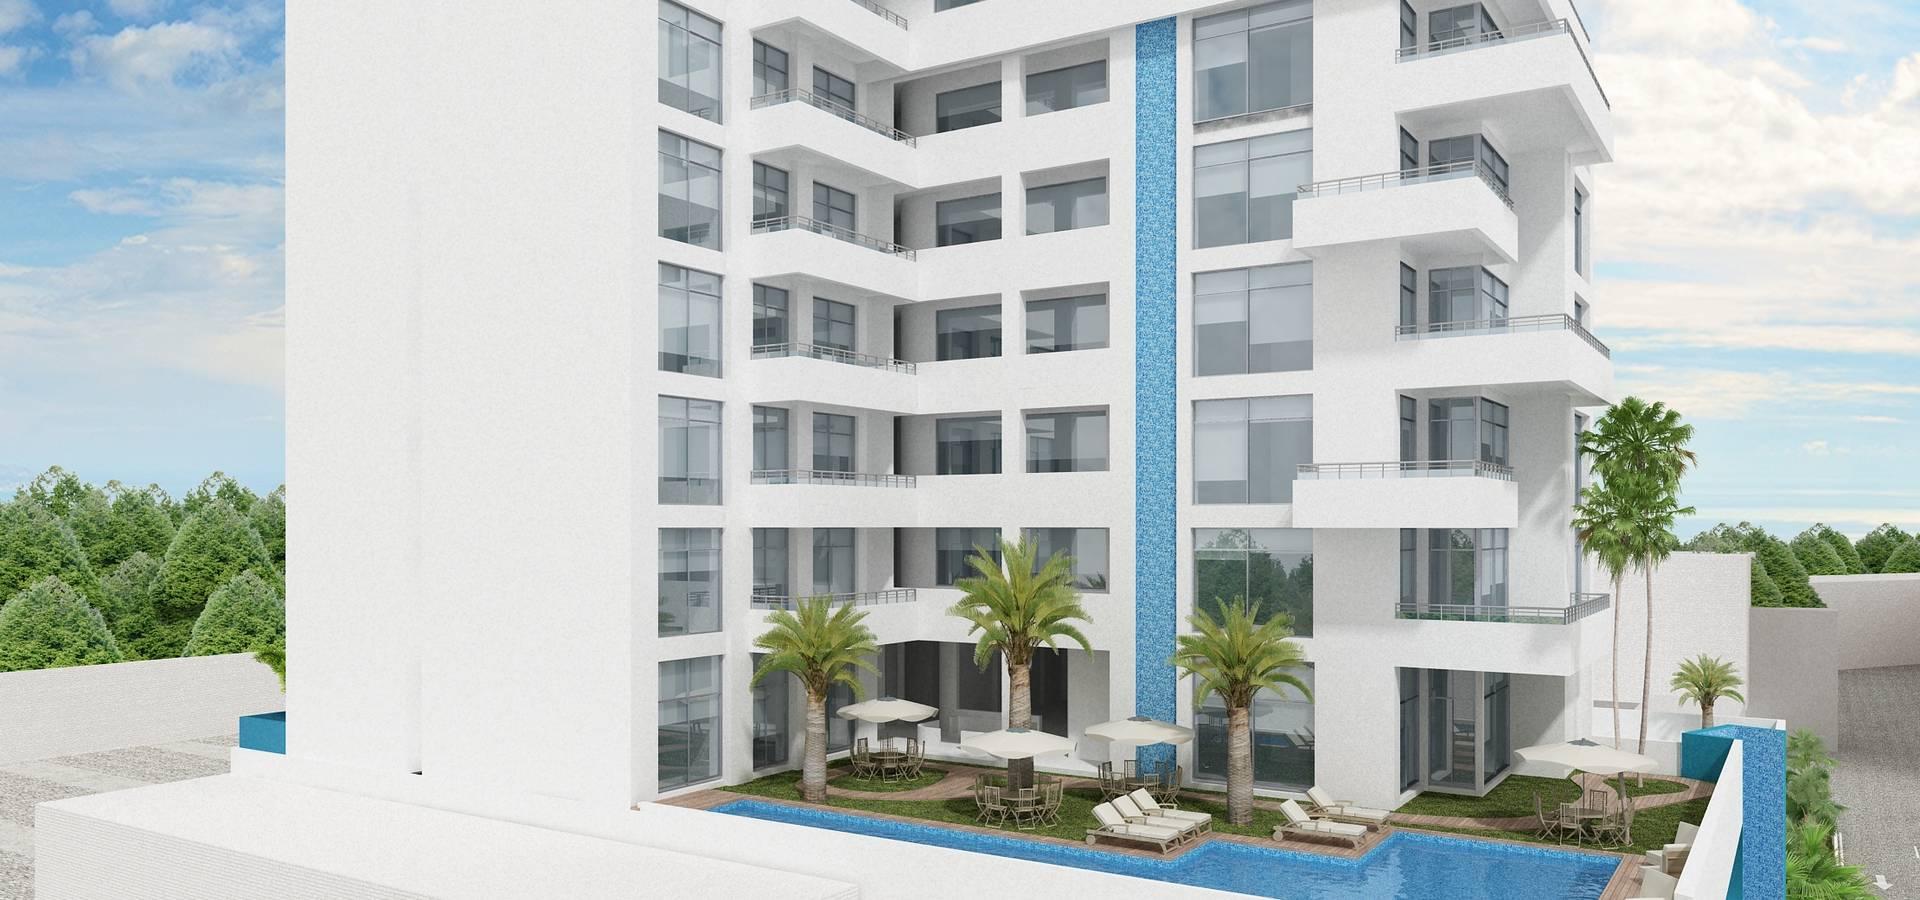 Inmobiliaria PROGUCI S.A. de C.V.